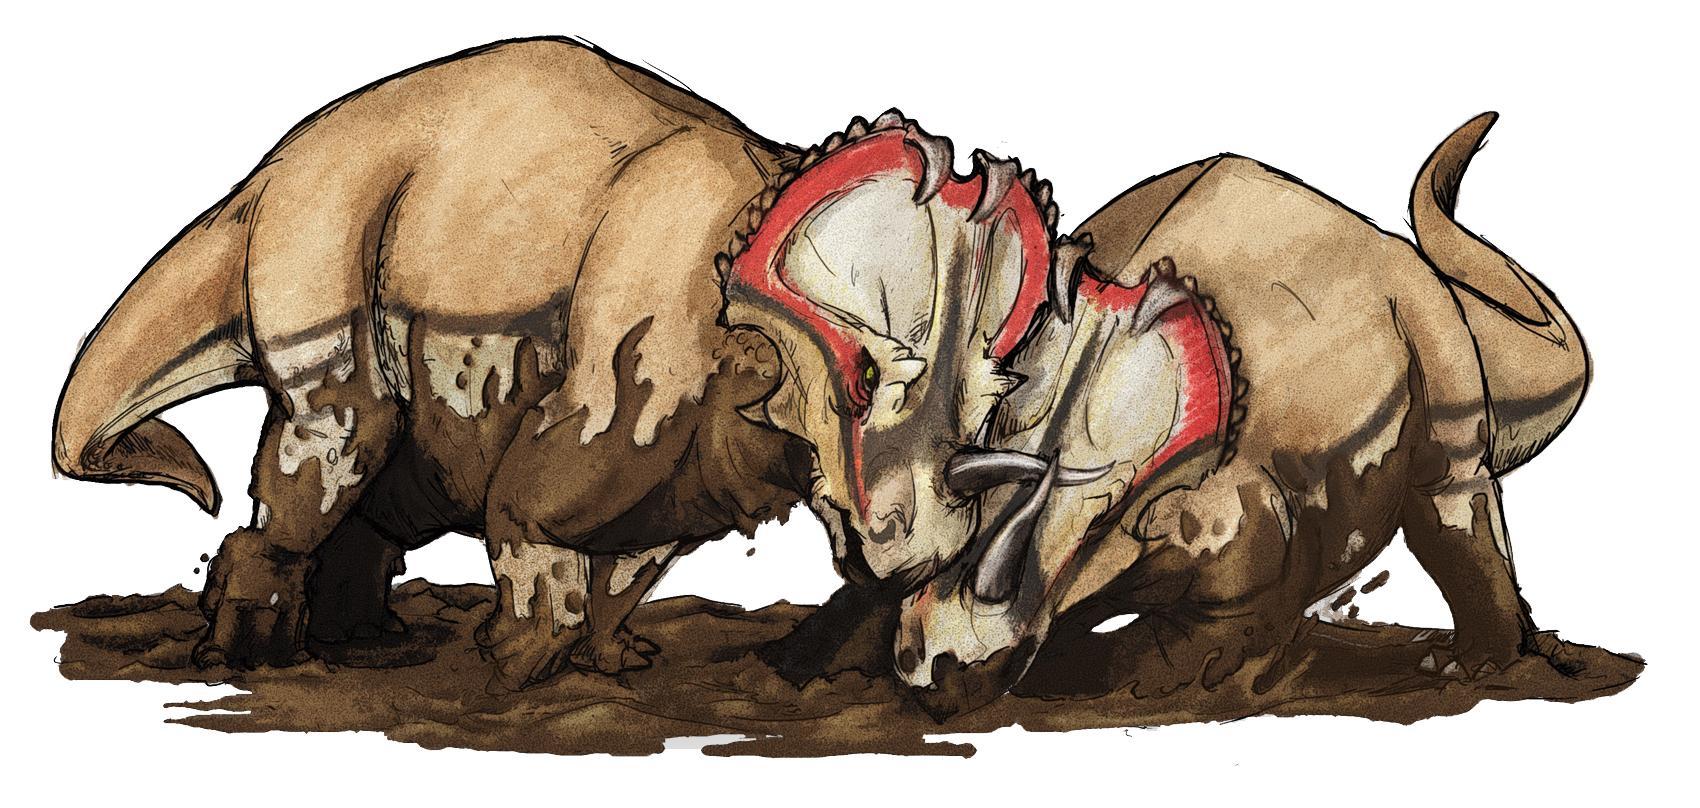 Ученые впервые диагностировали рак у динозавра